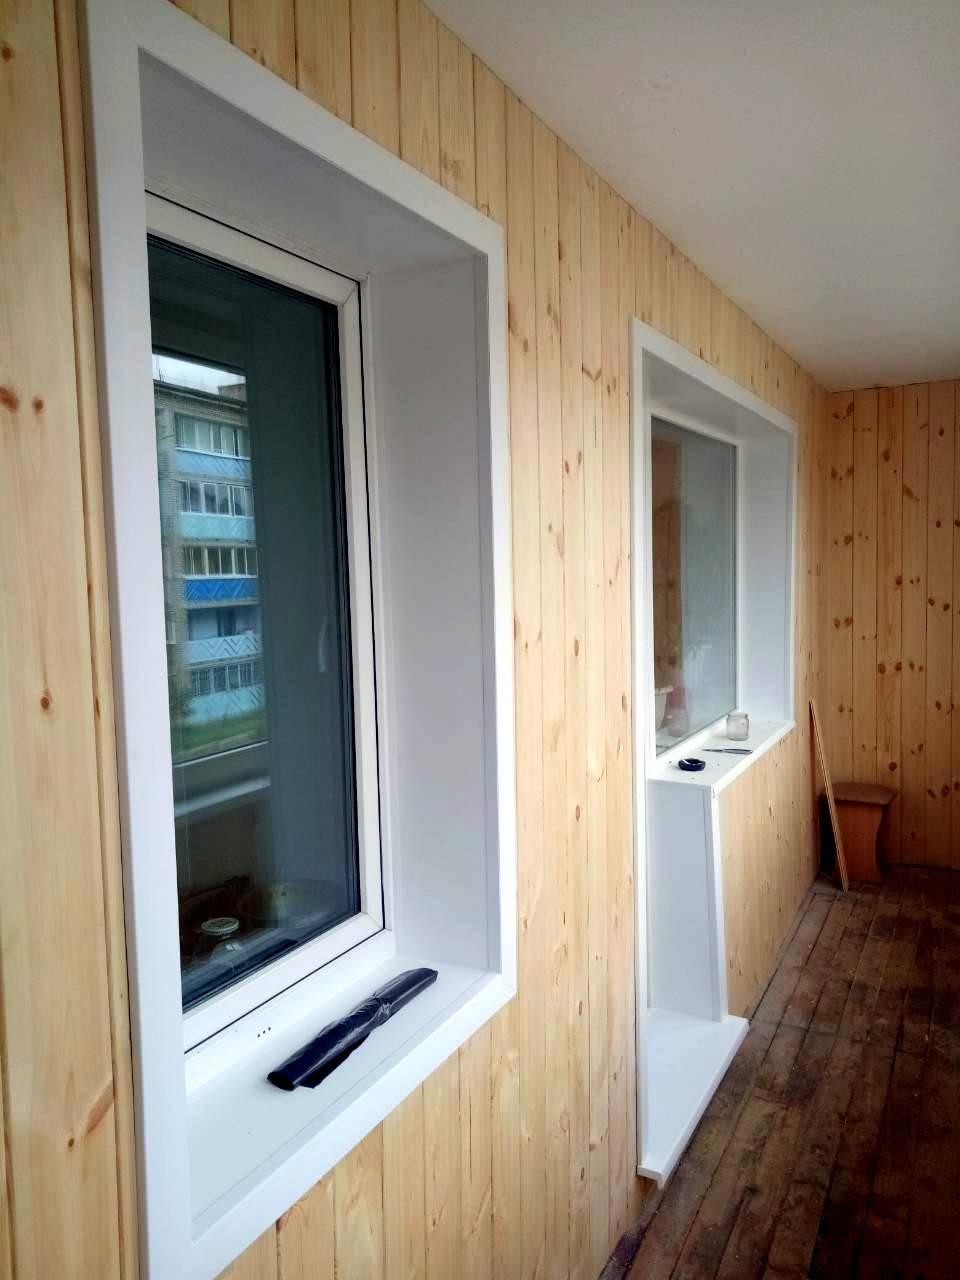 г. Могоча, Забайкальский край. Внутренняя отделка балкона - Евровагонка. Откосы на окнах ПВХ - Сэндвич - панель+ подоконники и порог. Без ремонта пола.